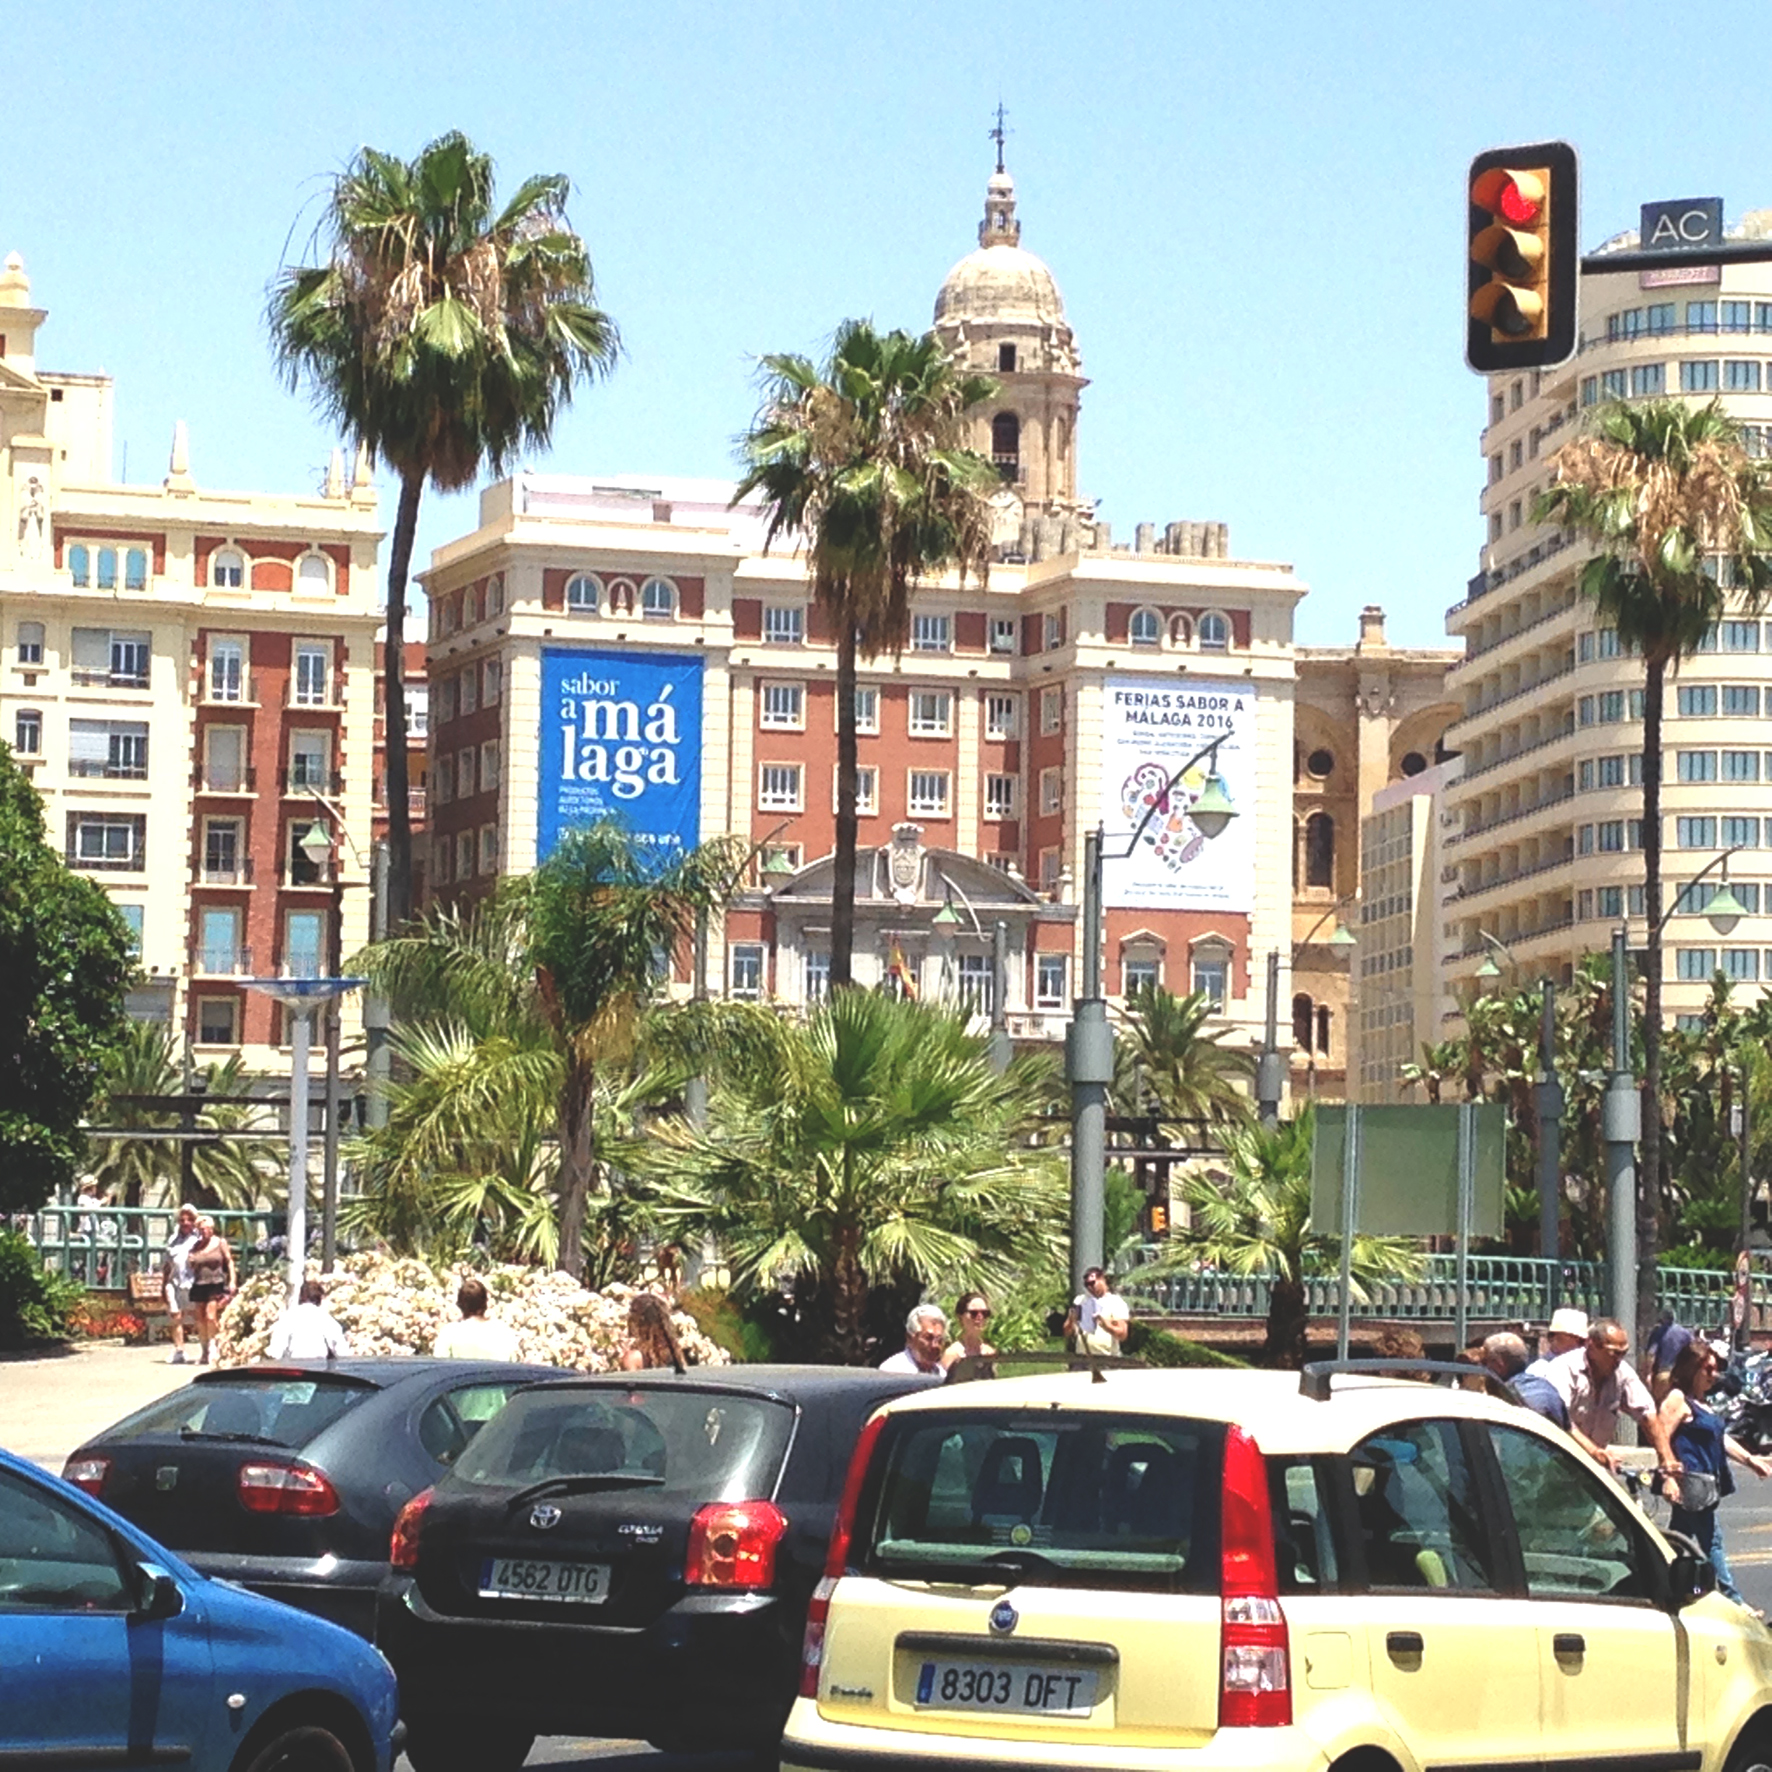 Malaga Central